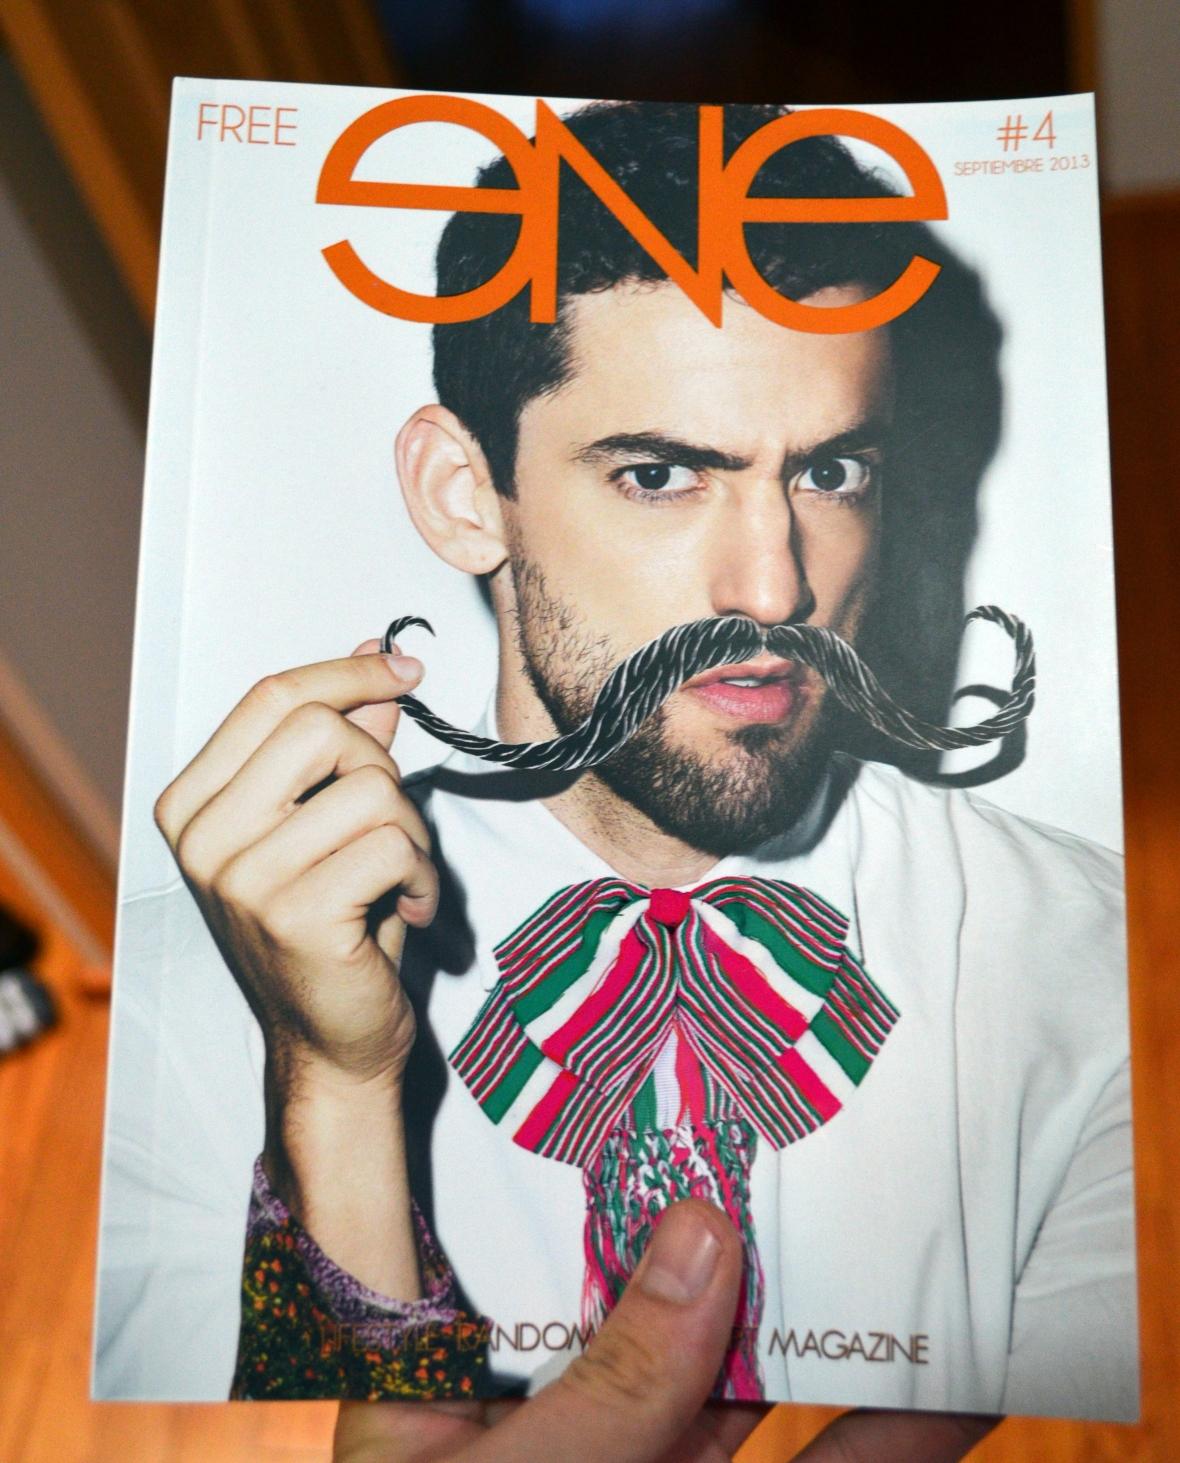 Ene magazine portada luis gerardo revsita